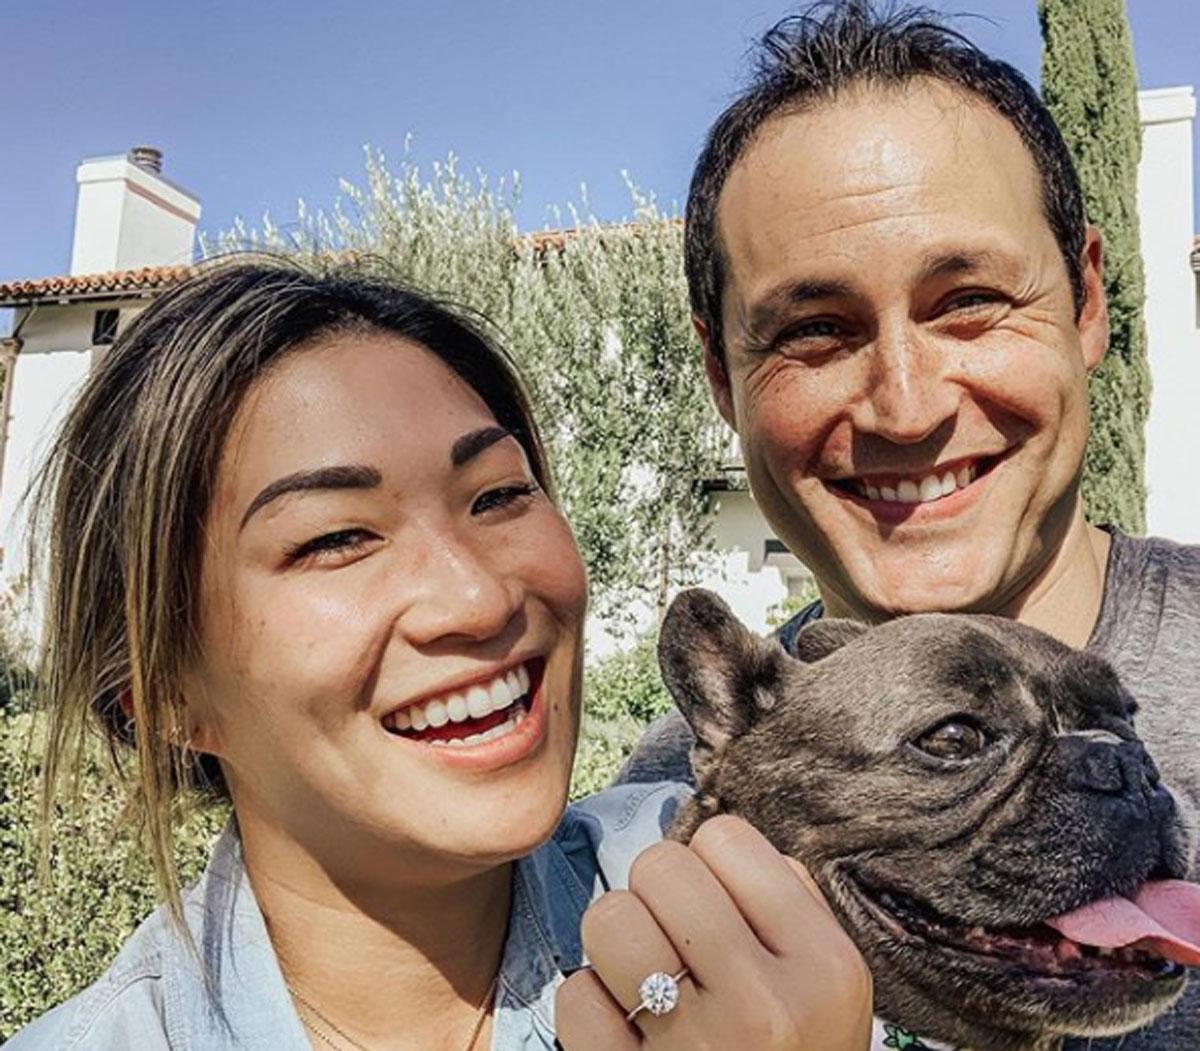 Jenna Ushkowitz is engaged to David Stanley